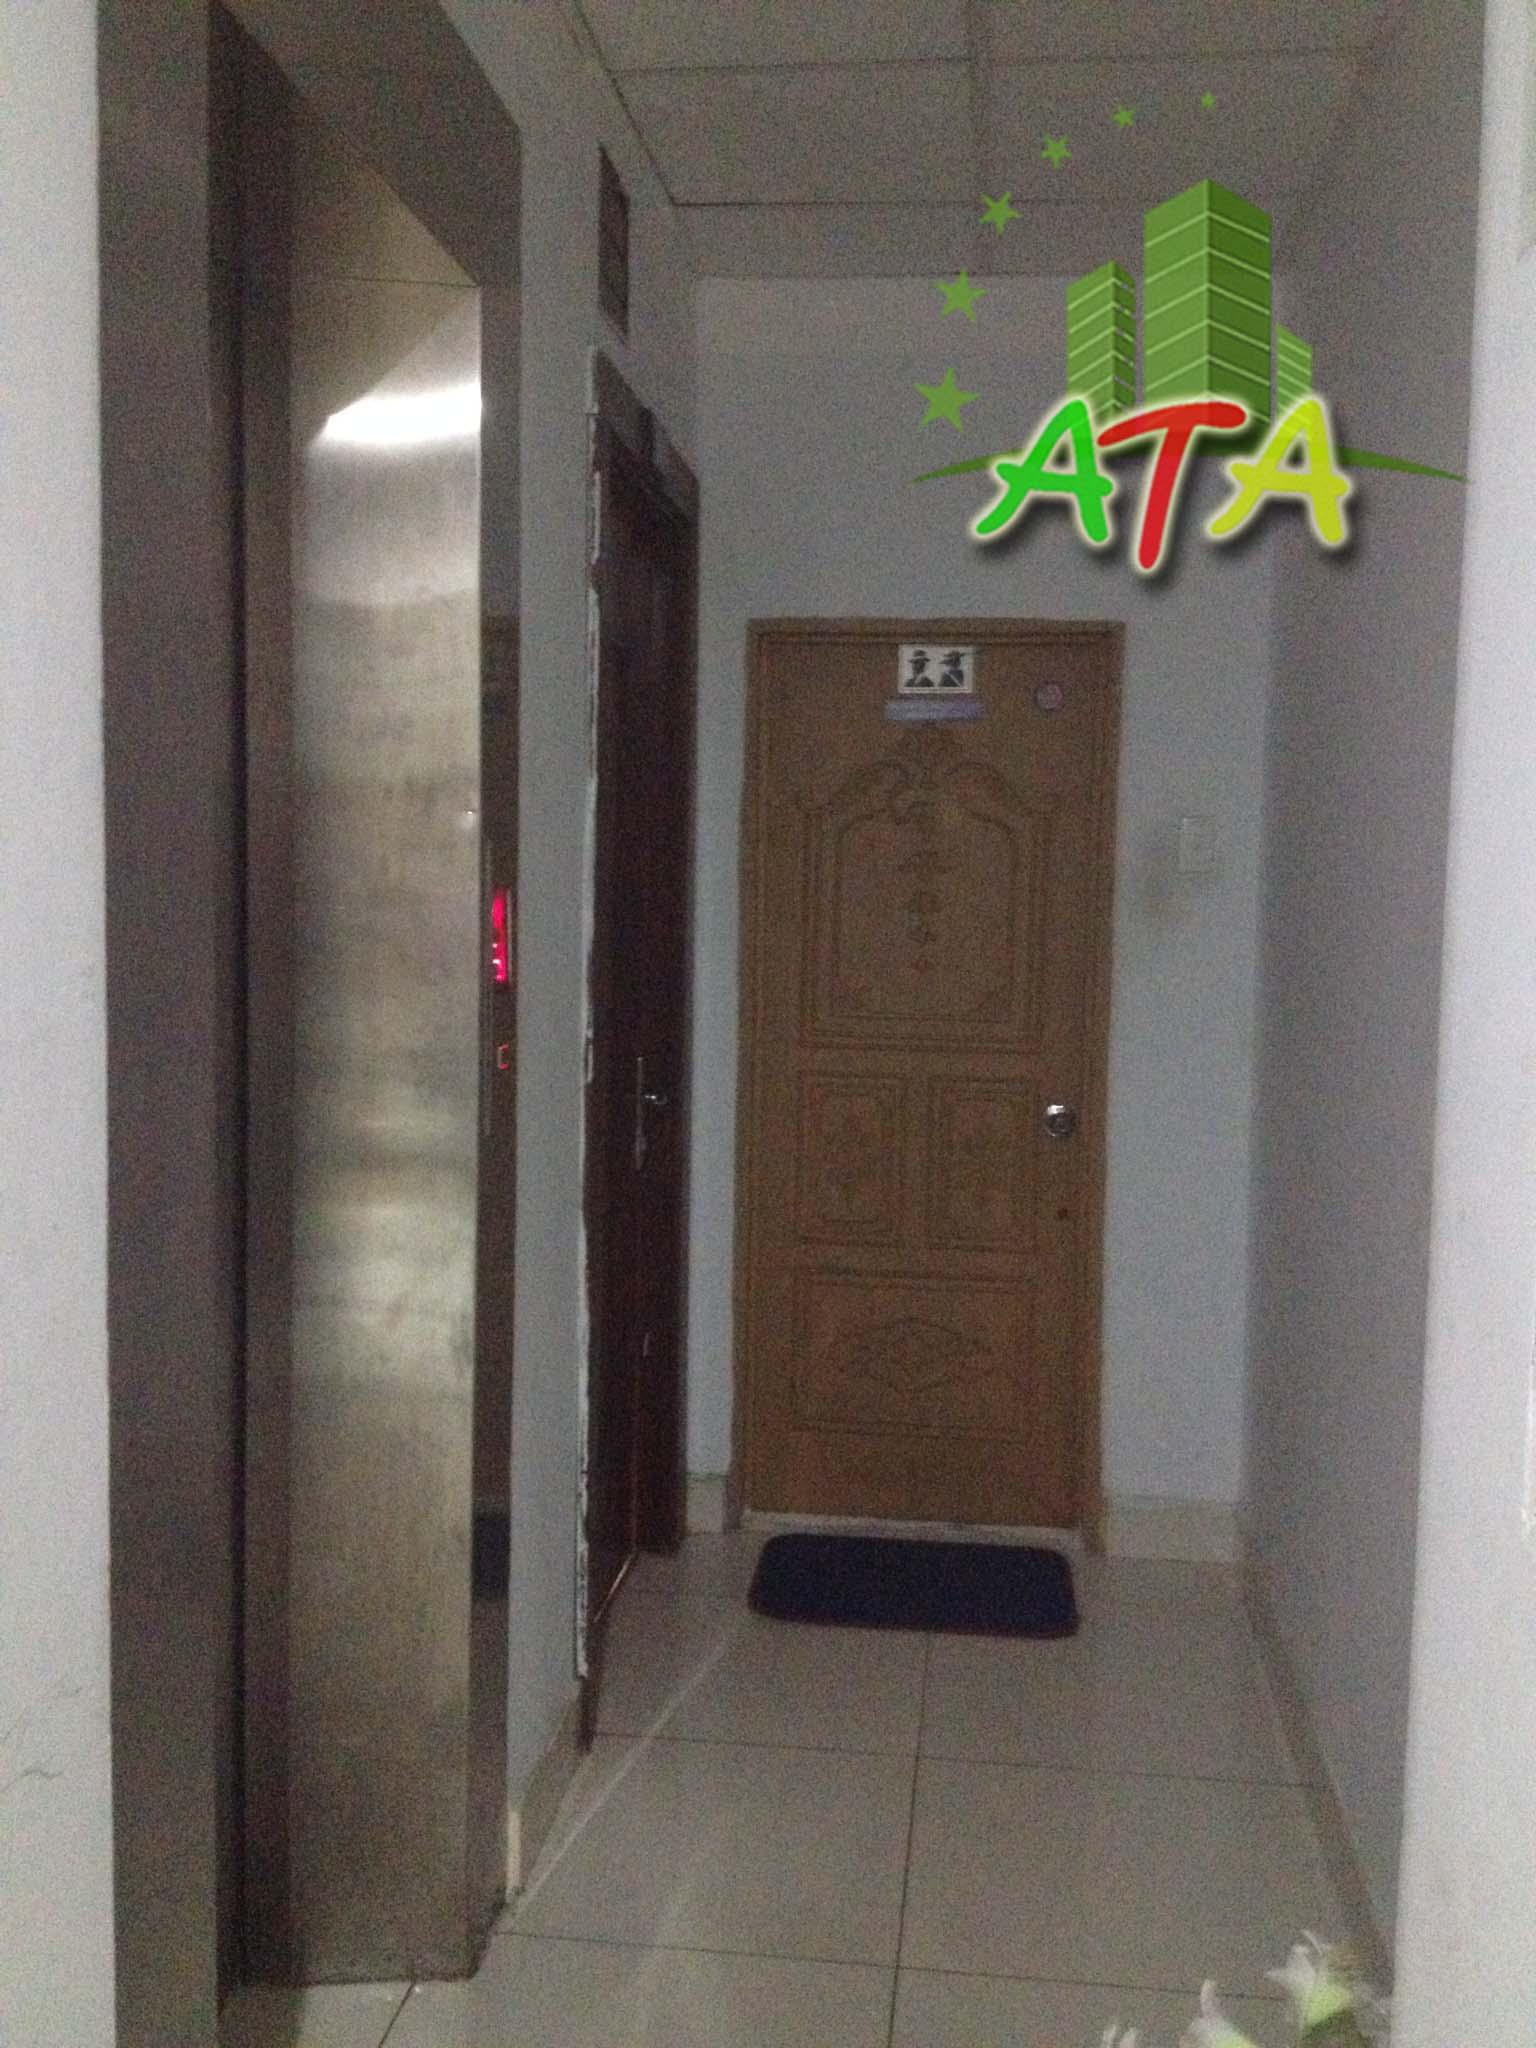 văn phòng cho thuê quận 3, Lộc Lê Building nguyễn thị minh khai, office for lease HCMC